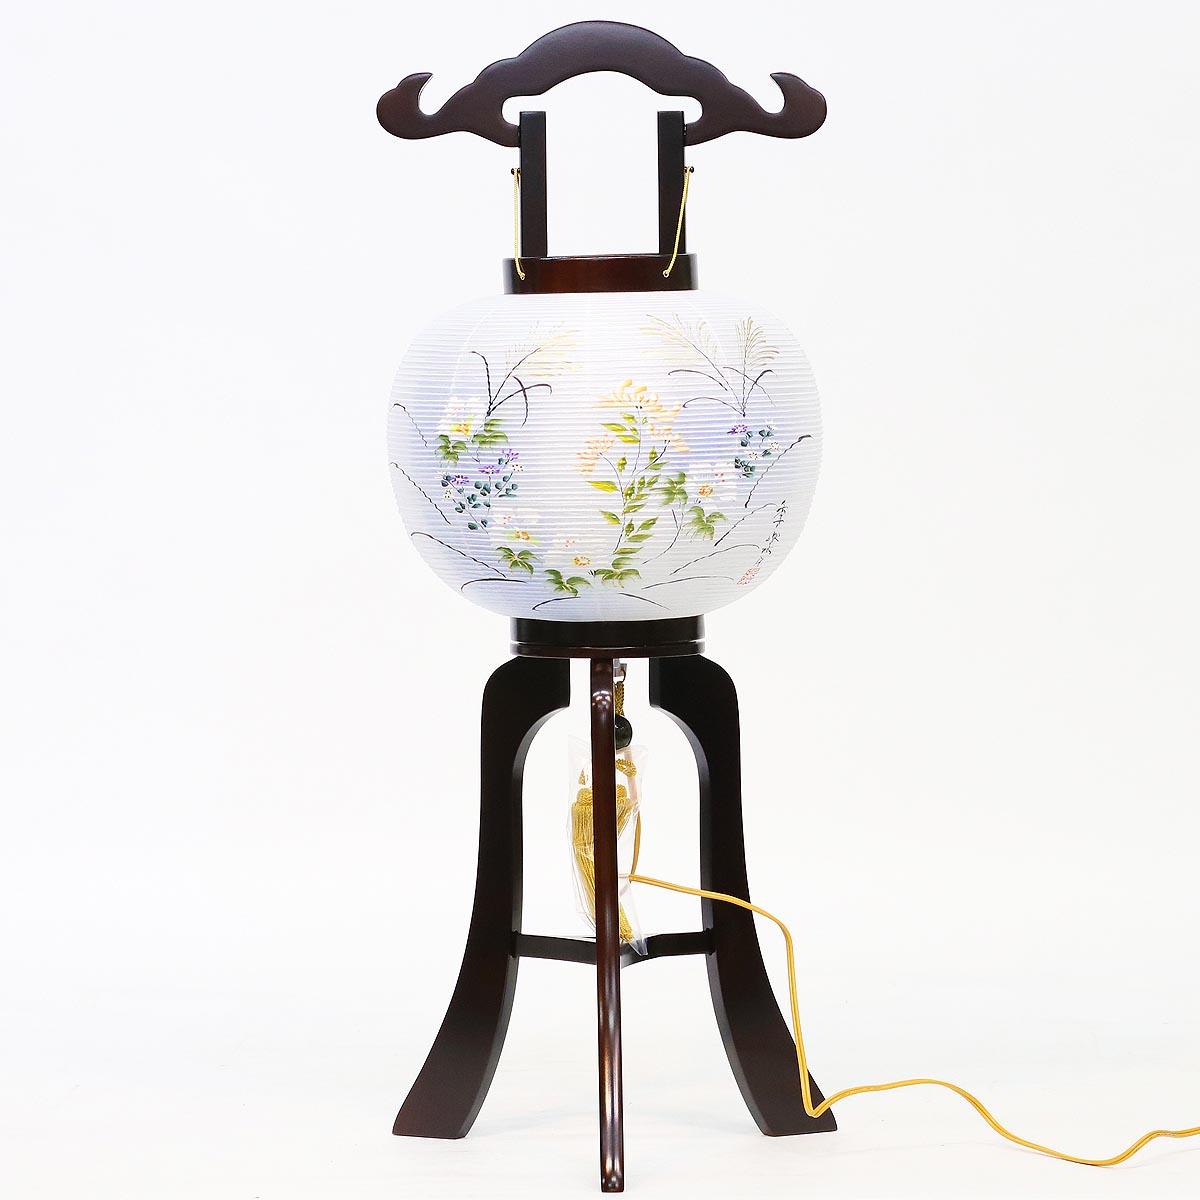 盆提灯 置き型提灯 行灯 『 小谷行灯 絹二重 ブラウン色塗 10号 』 BCY-7704絹 二重 木製 電気コード式 置き型 置き提灯 ミニ 行灯 コンパクト ミニサイズ